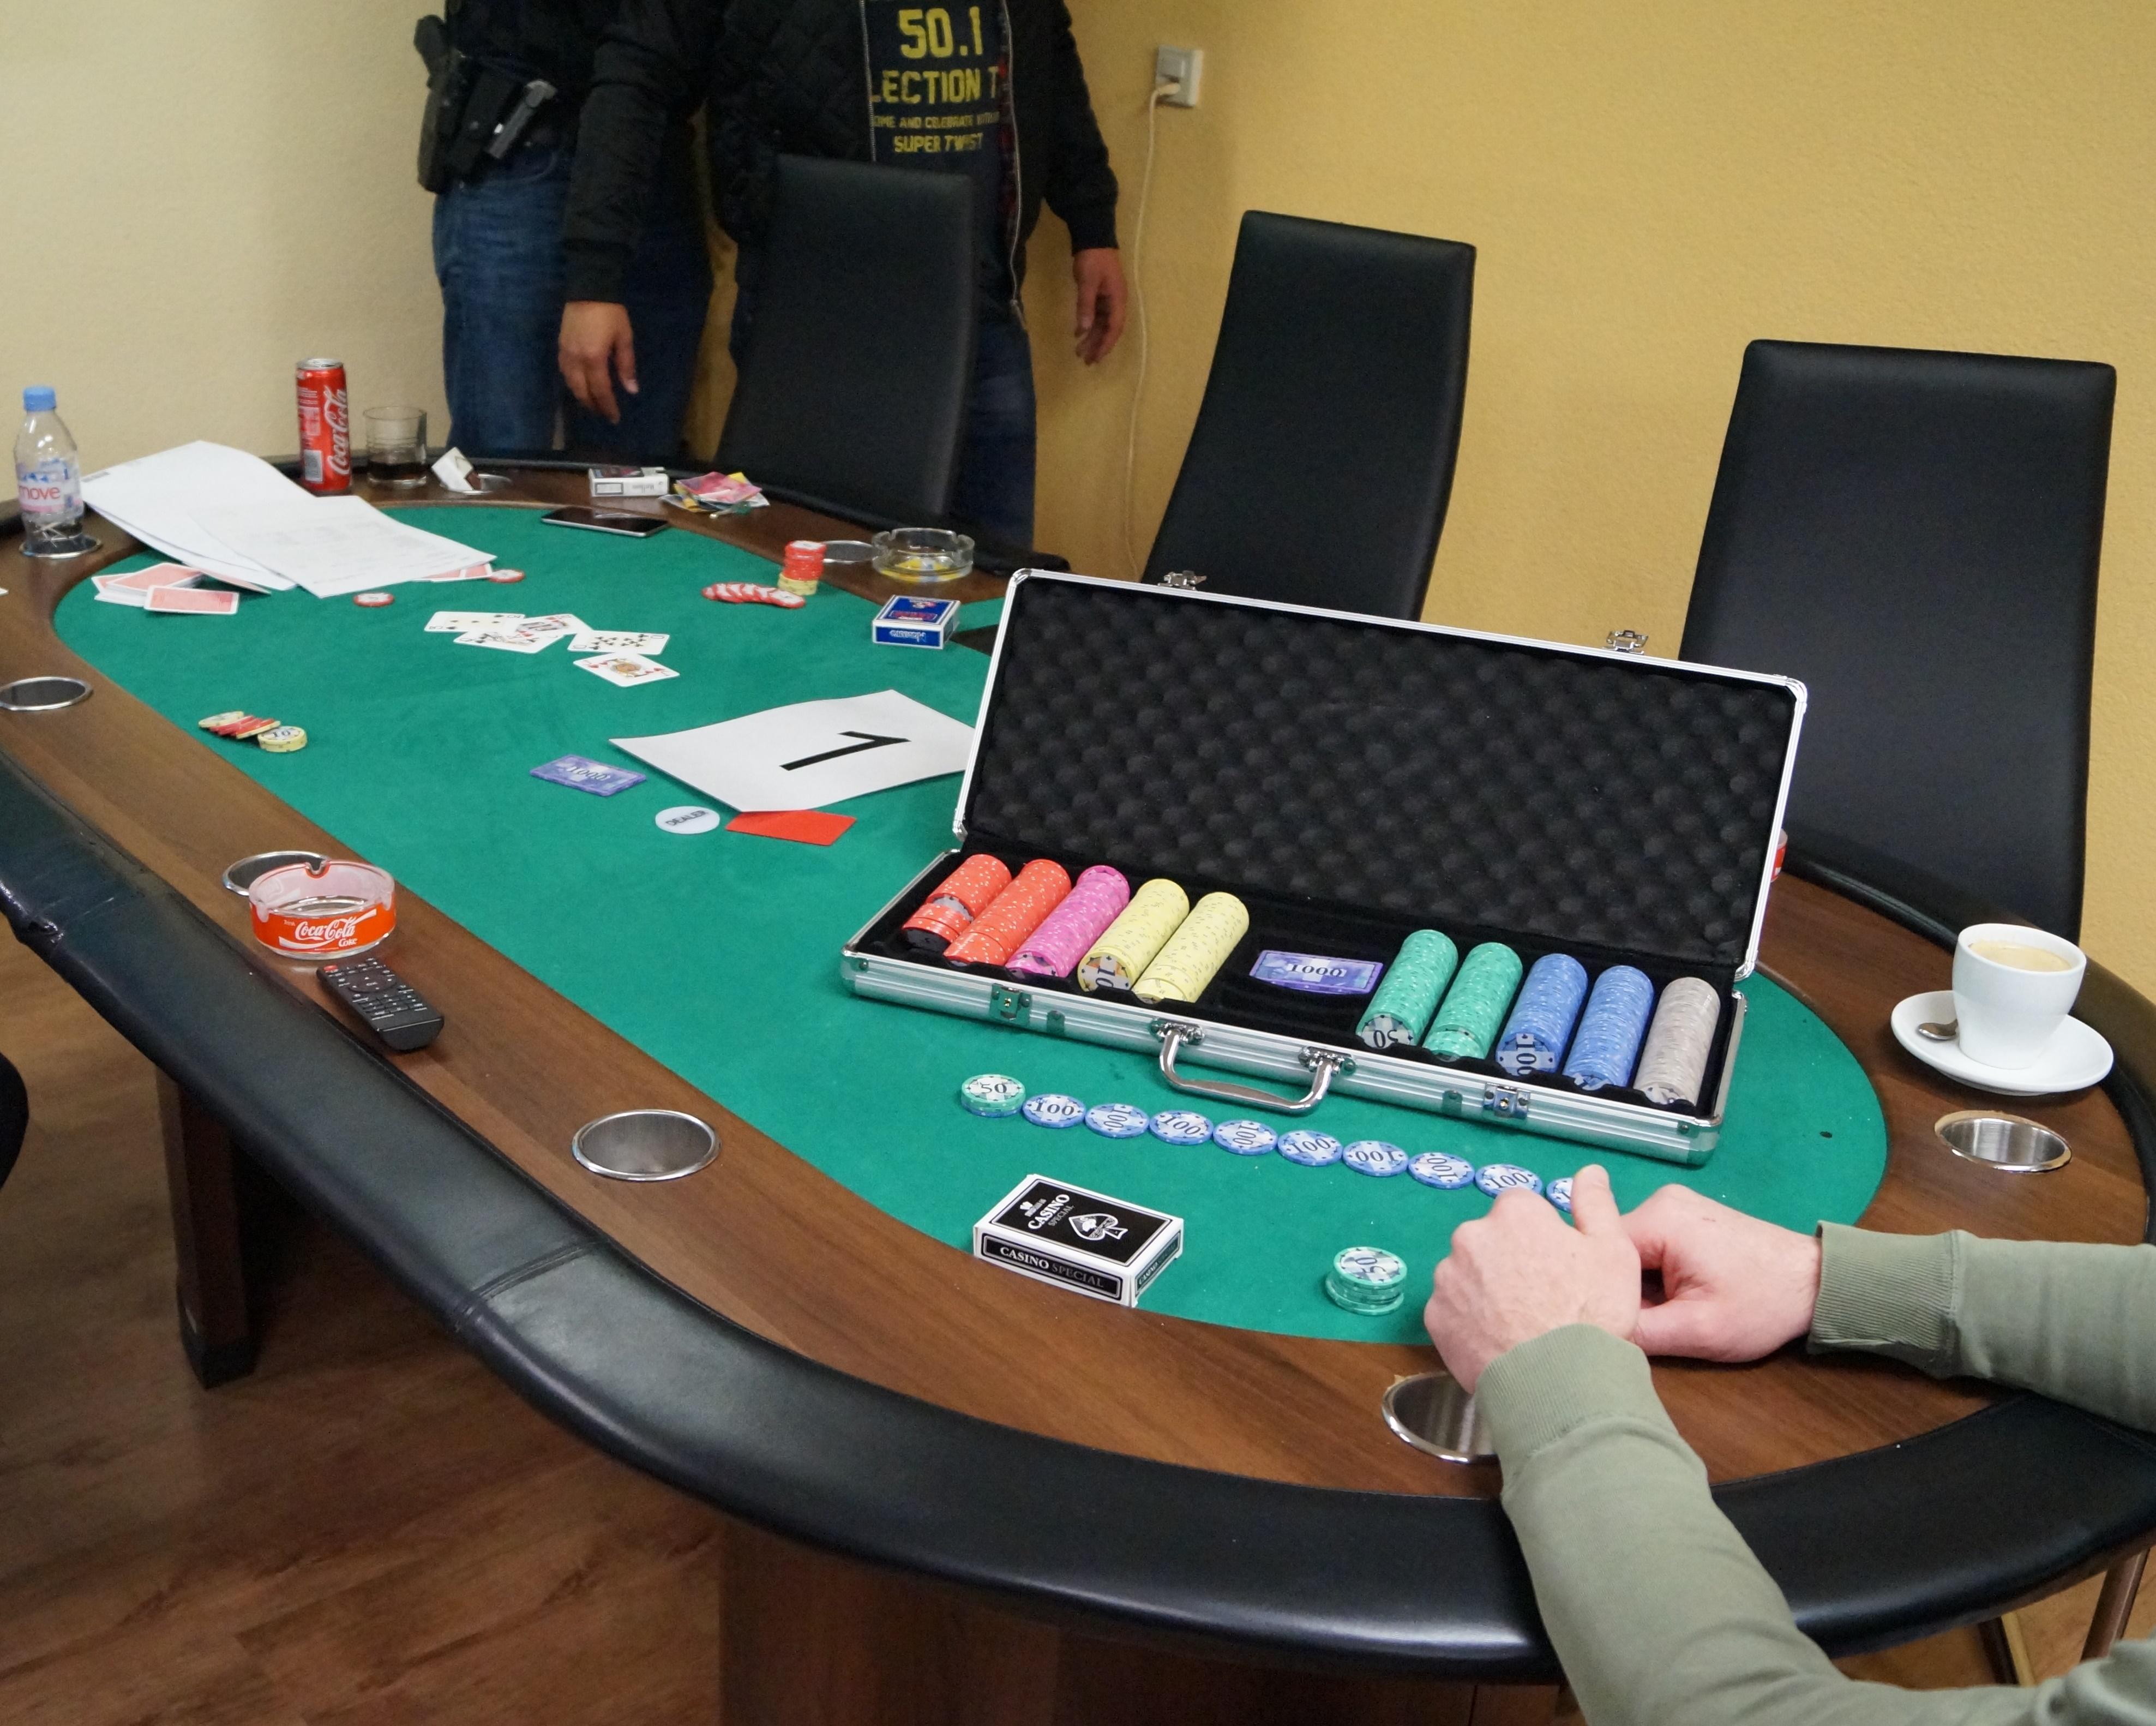 Szene einer Razzia in Zug: Männer sitzen am Tisch und spielen illegale Glücksspiele.